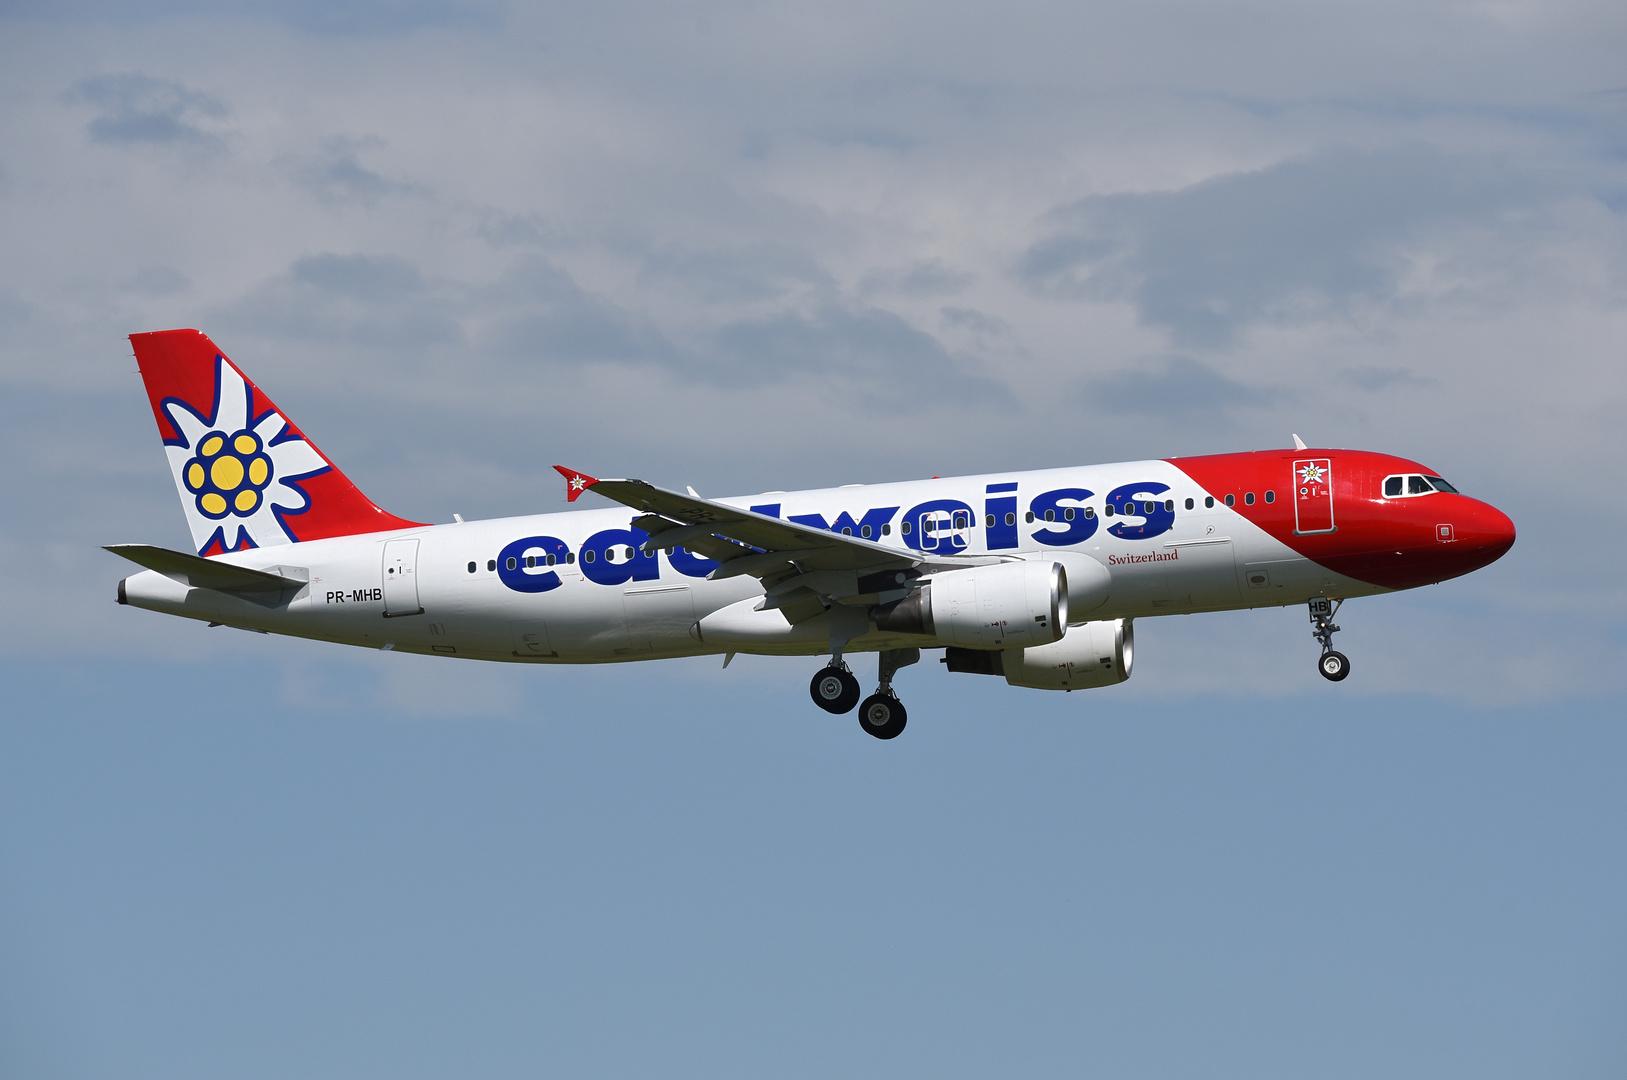 Edelweiss Airbus A320 PR-MHB